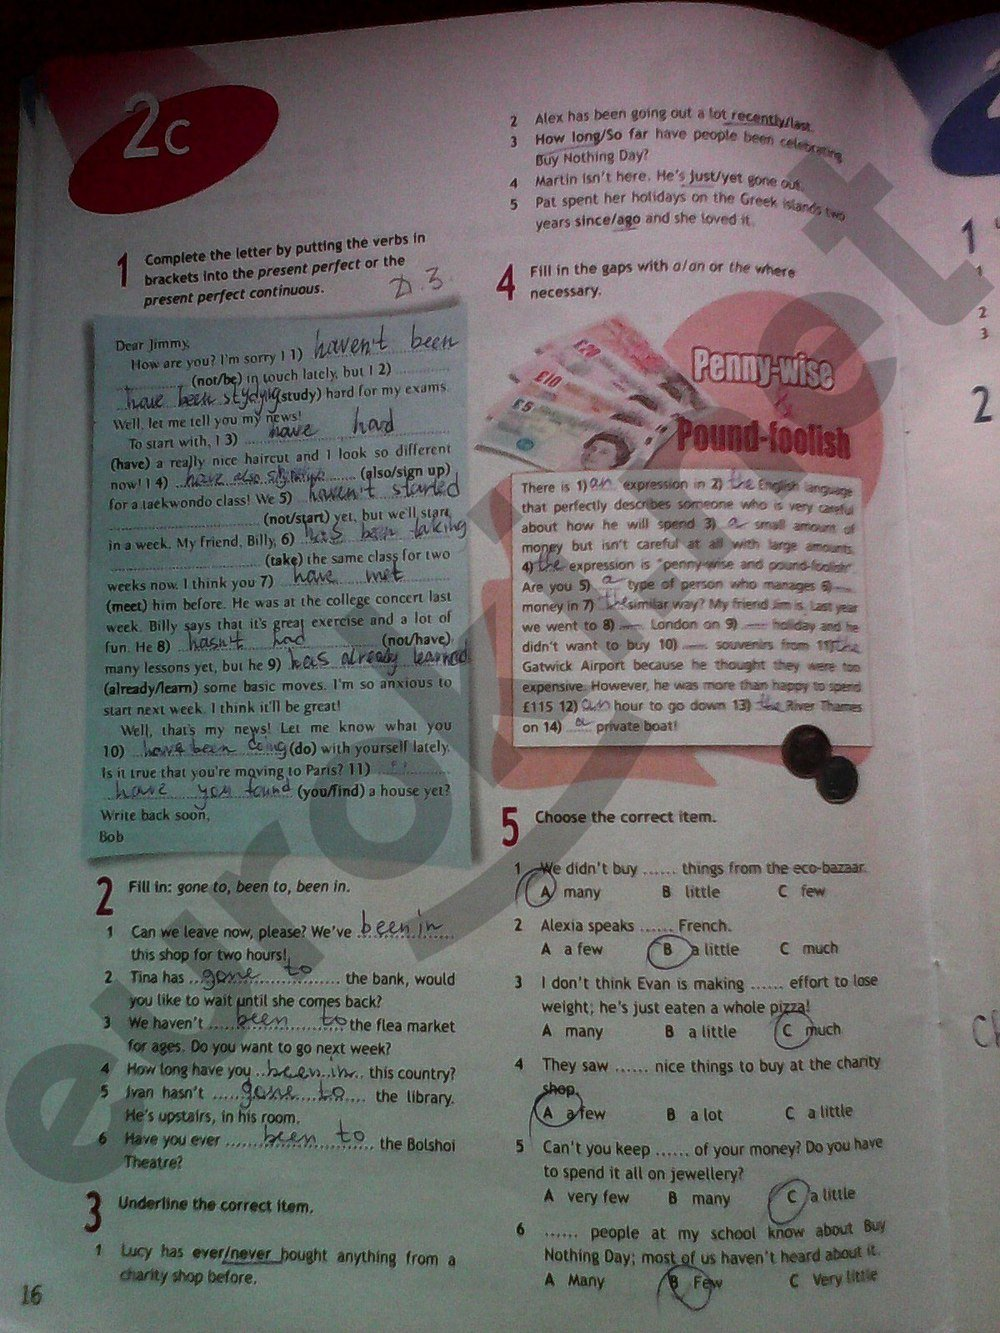 рабочая тетрадь по английскому языку 8 класс ваулина гдз онлайн